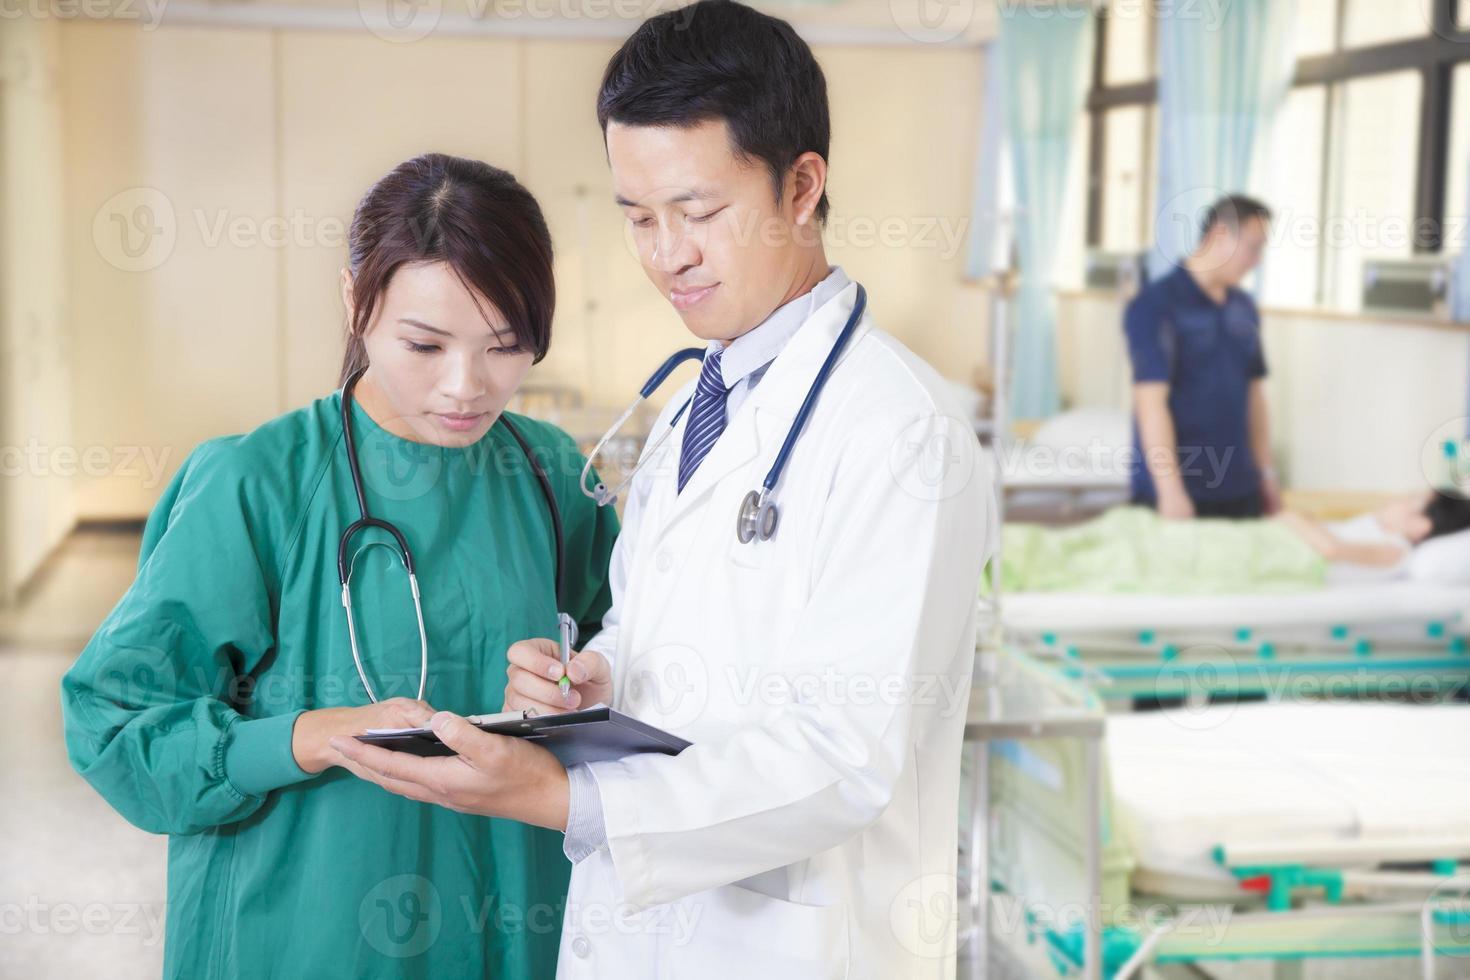 Arzt und Assistent besprechen die Situation der Mädchen foto